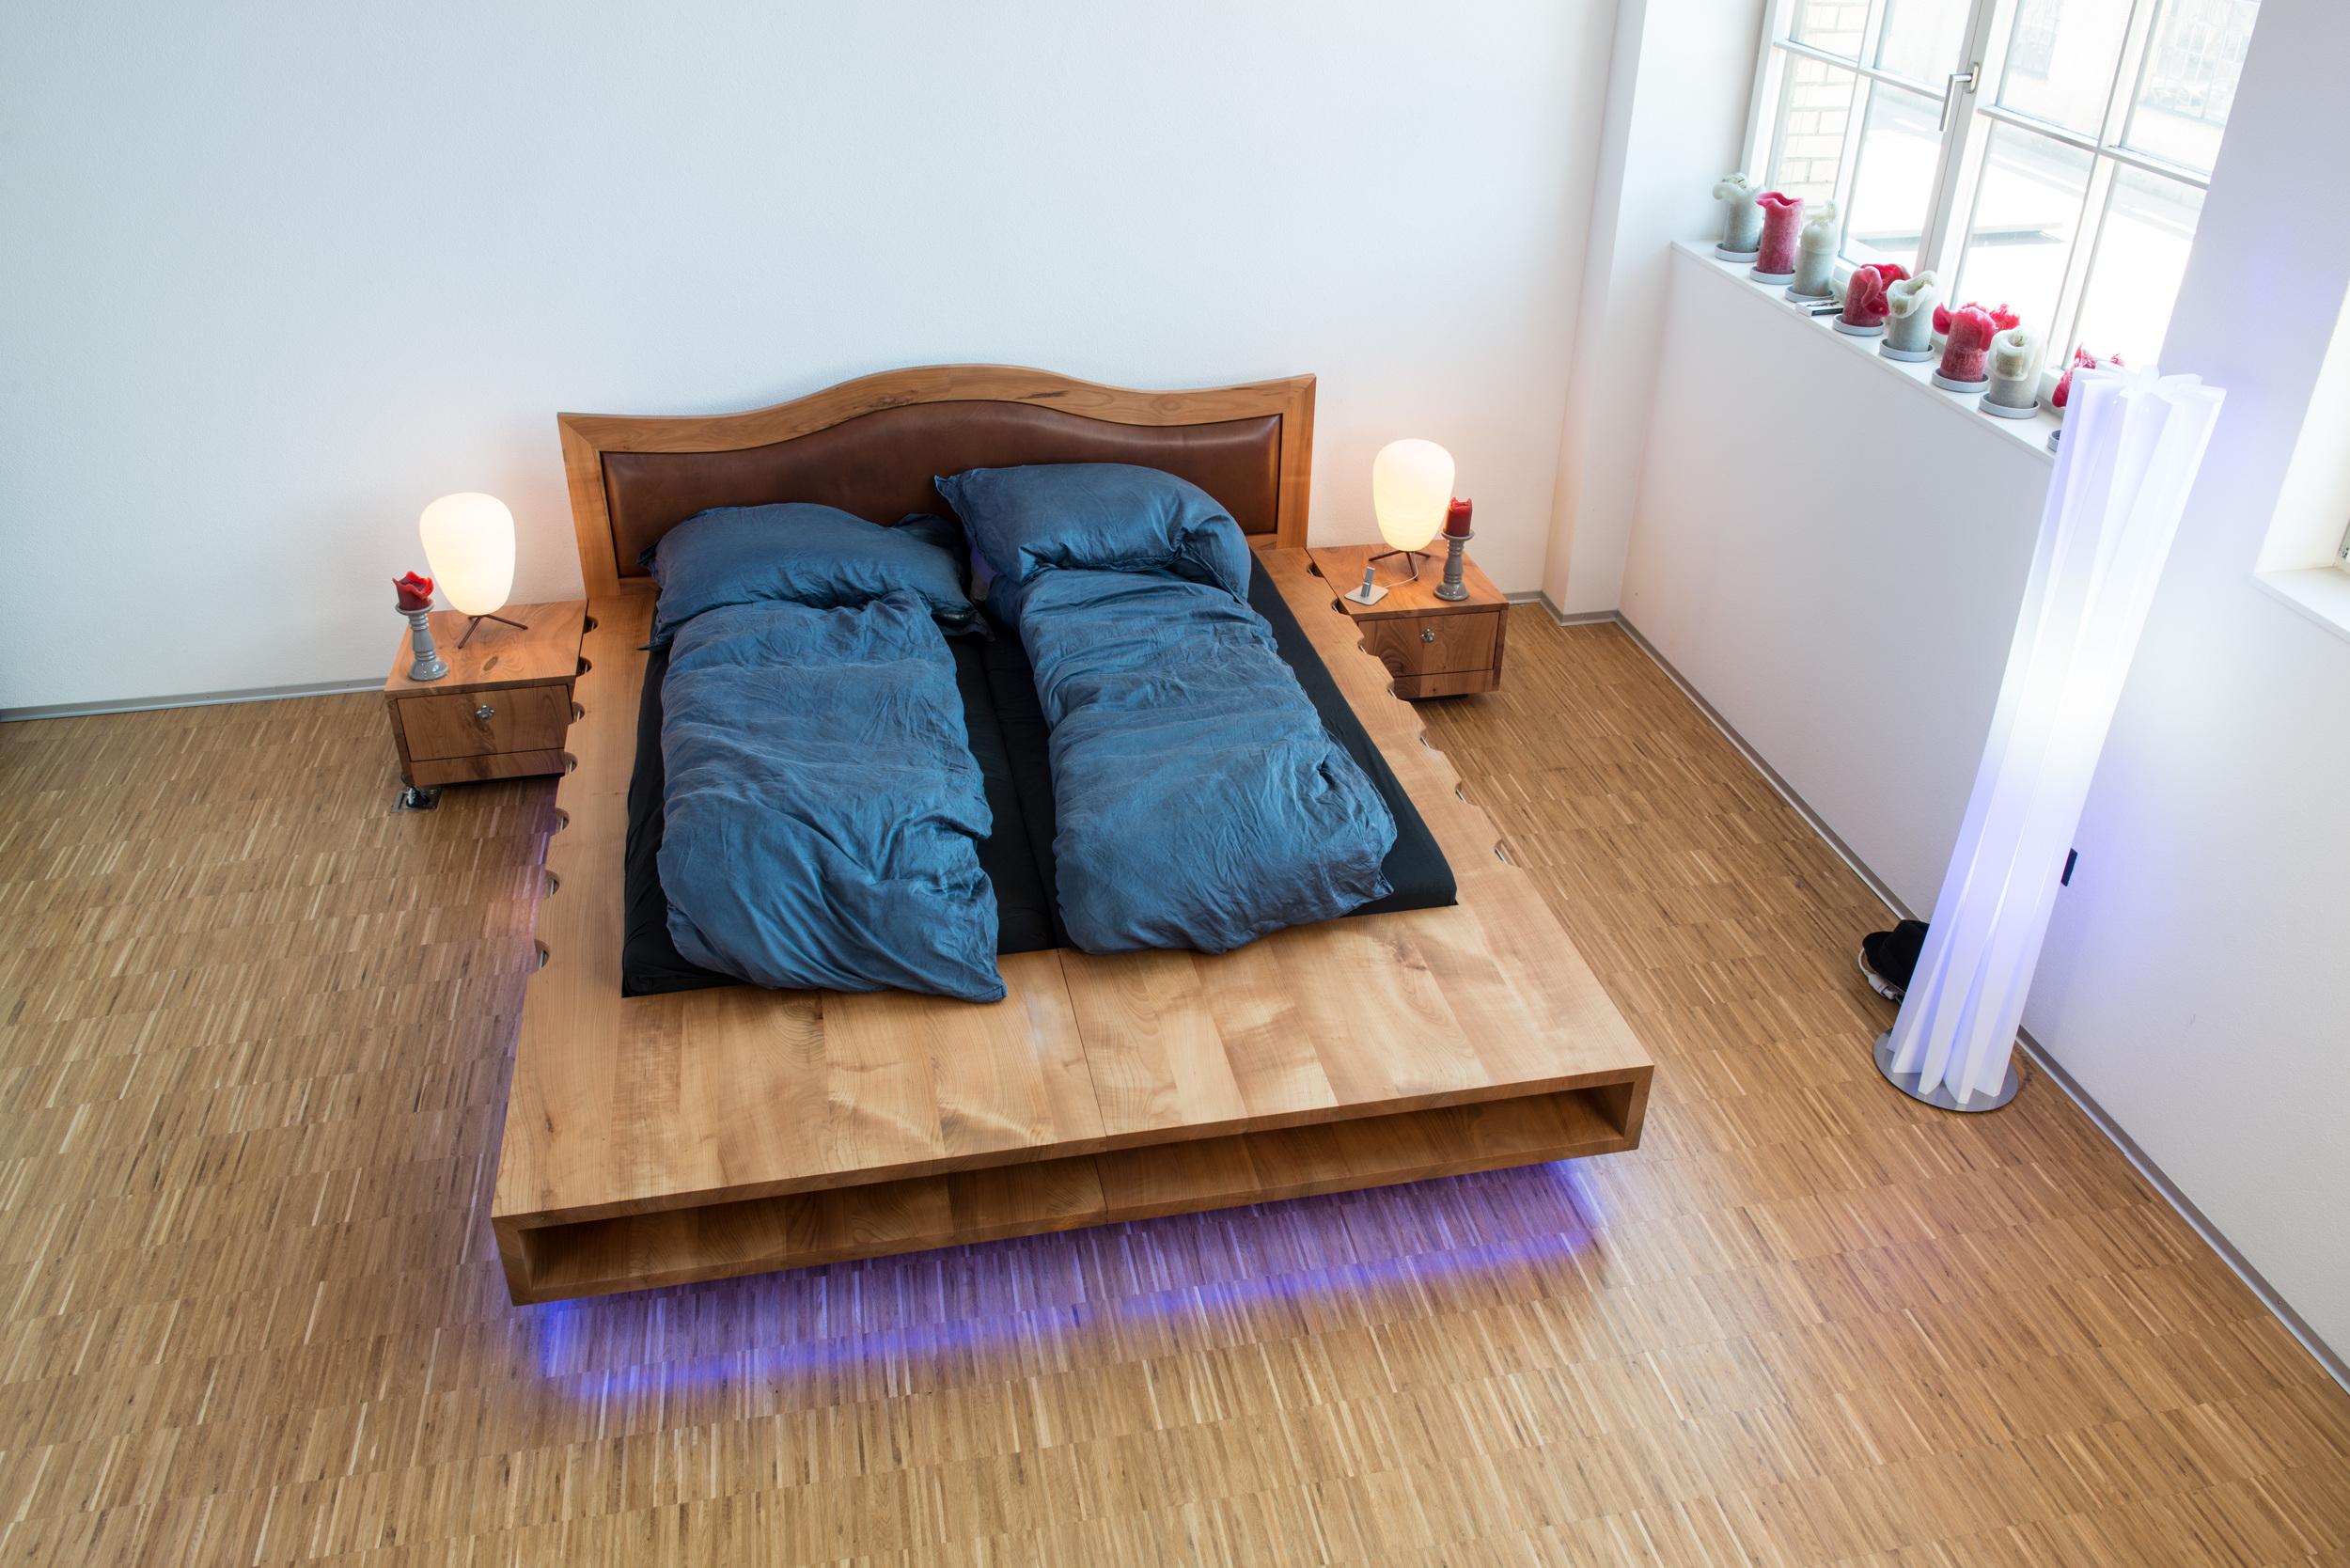 Bett & Nachttischli